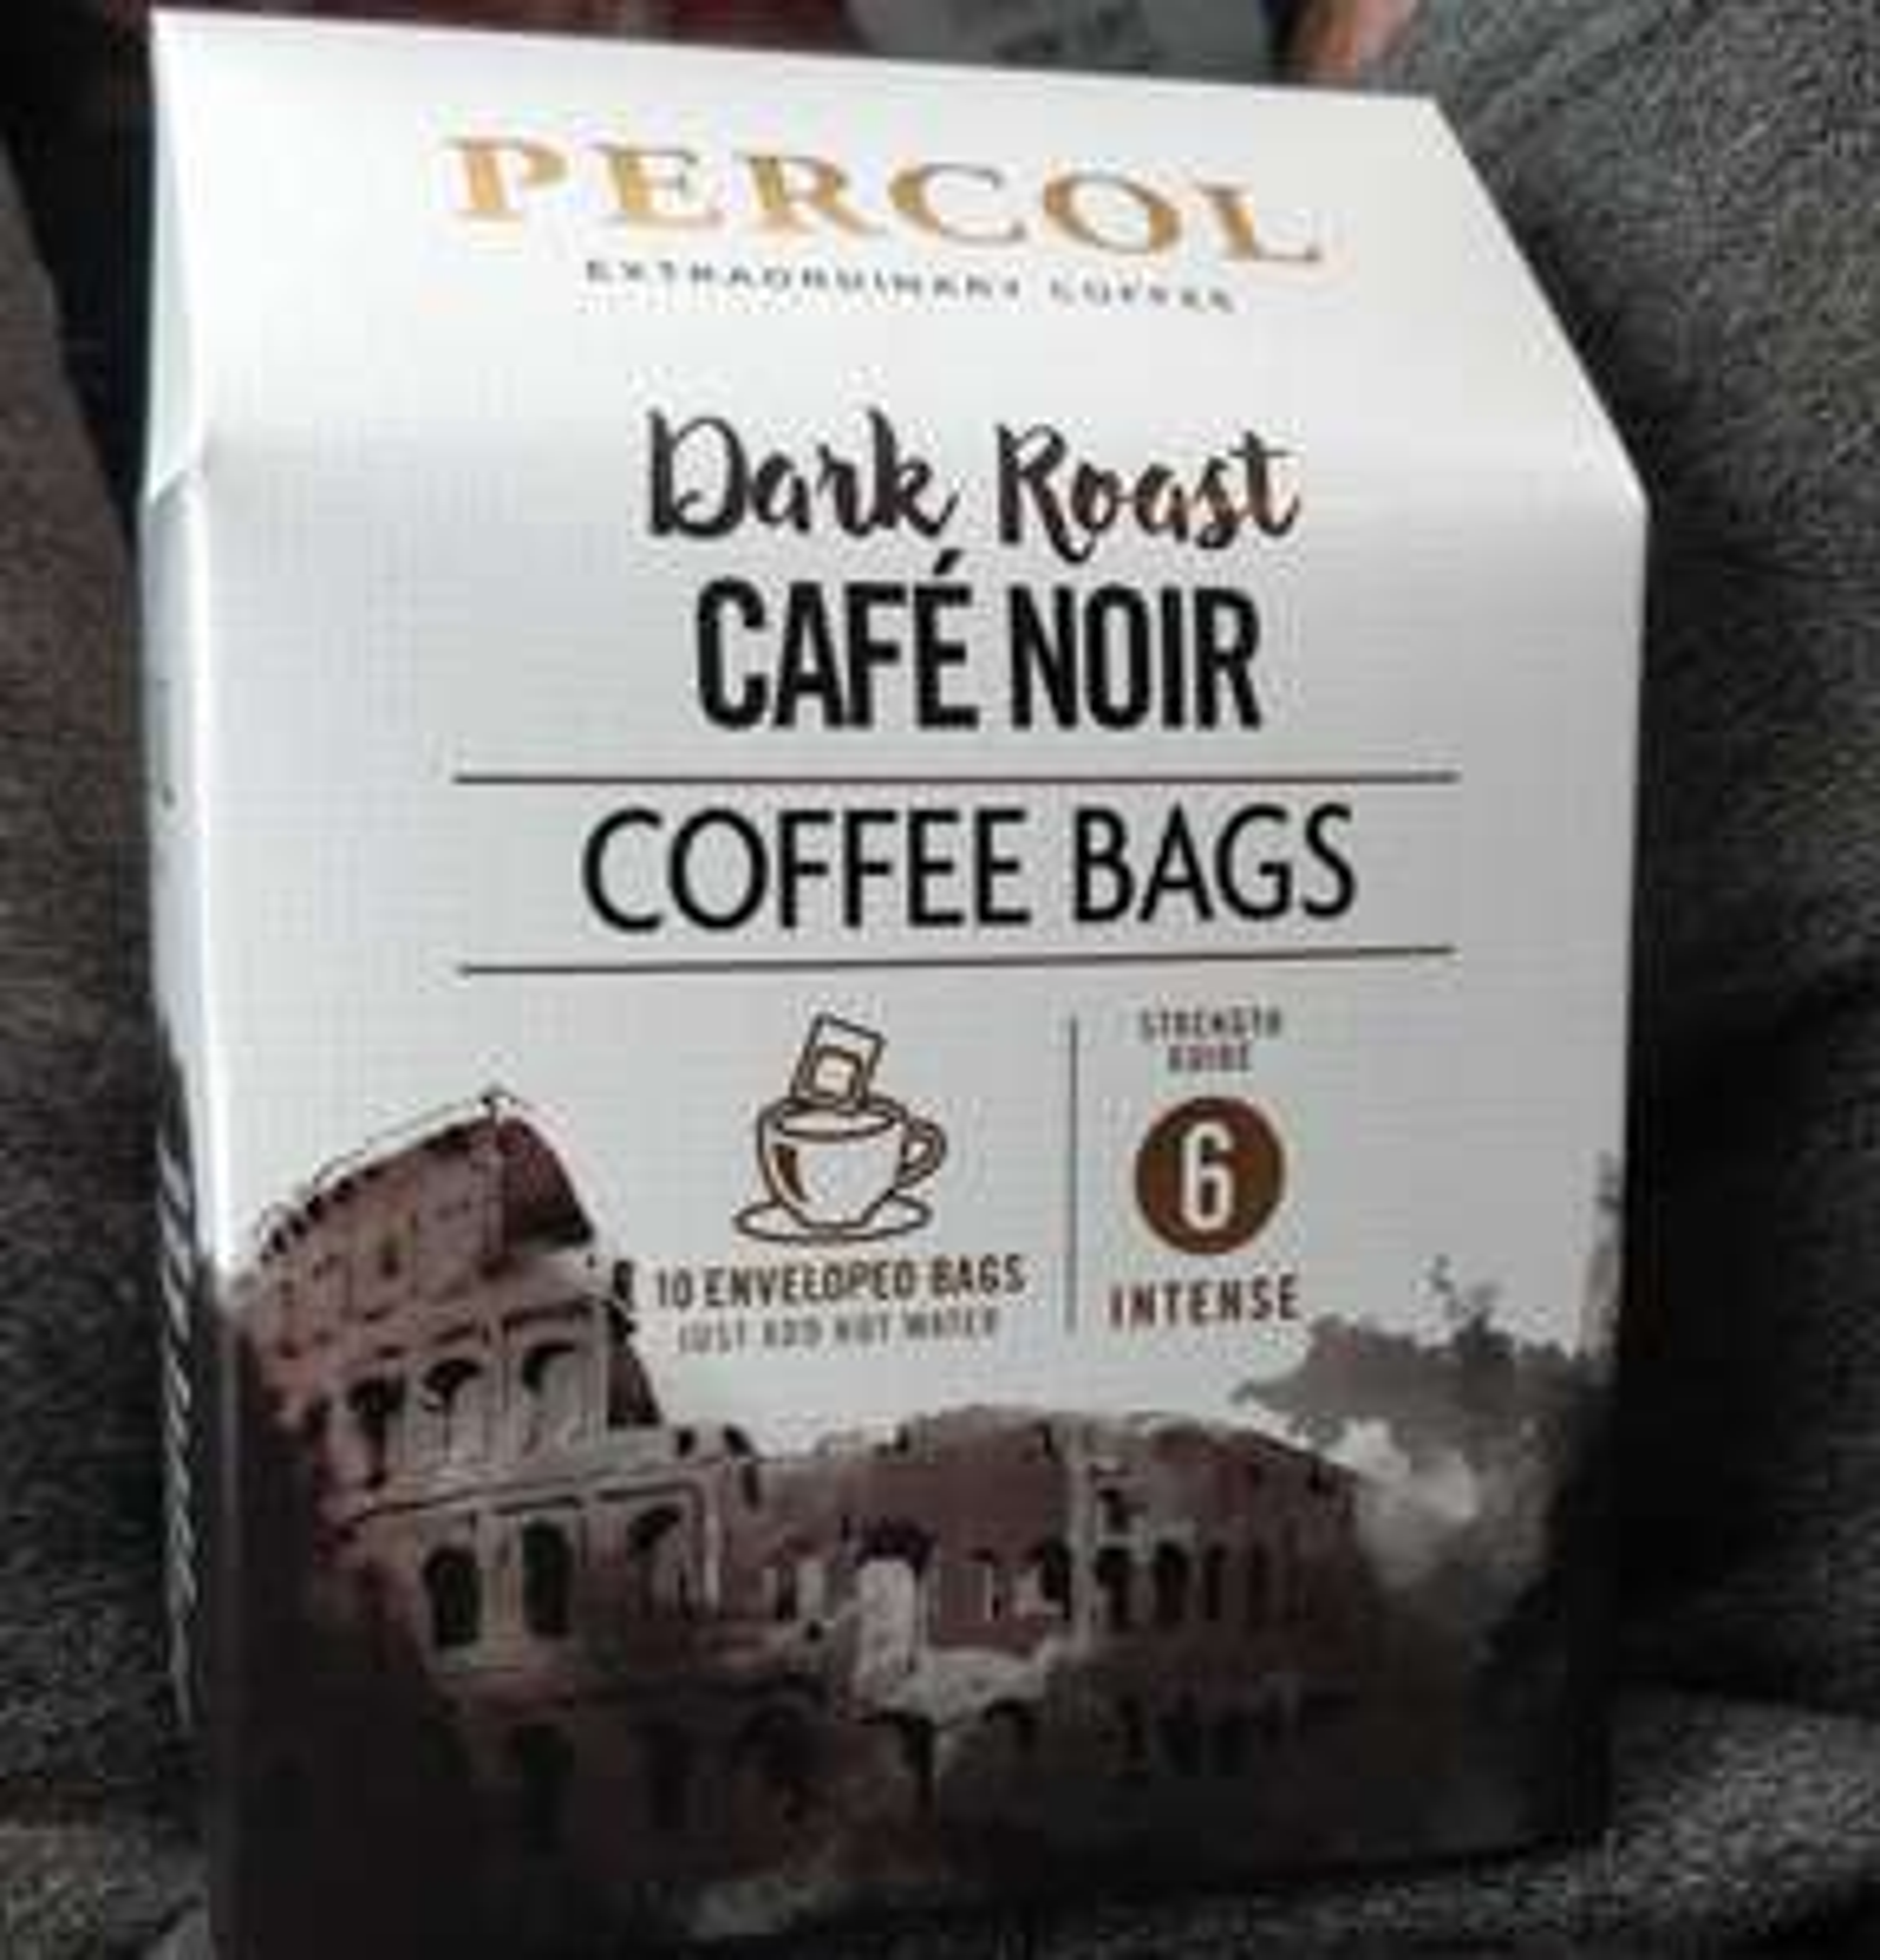 Percol Dark Roast Coffee Bags £1.99 @ Lidl